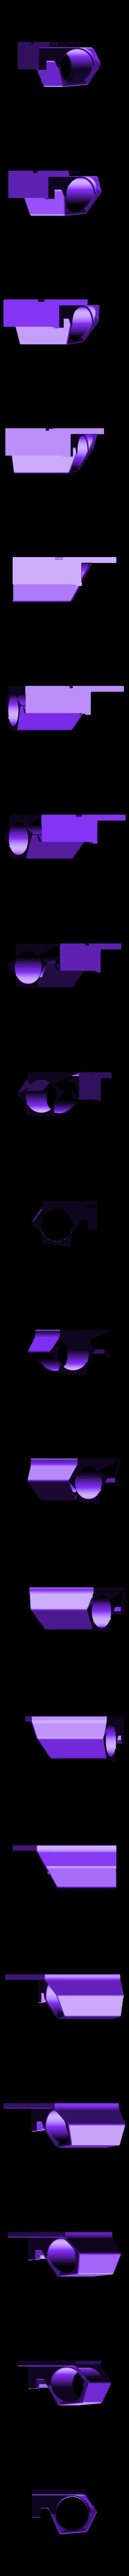 Jet_Pack_Right_Upper.stl Download free STL file Boba Fett Jet Pack Full Size • 3D printable model, bromego